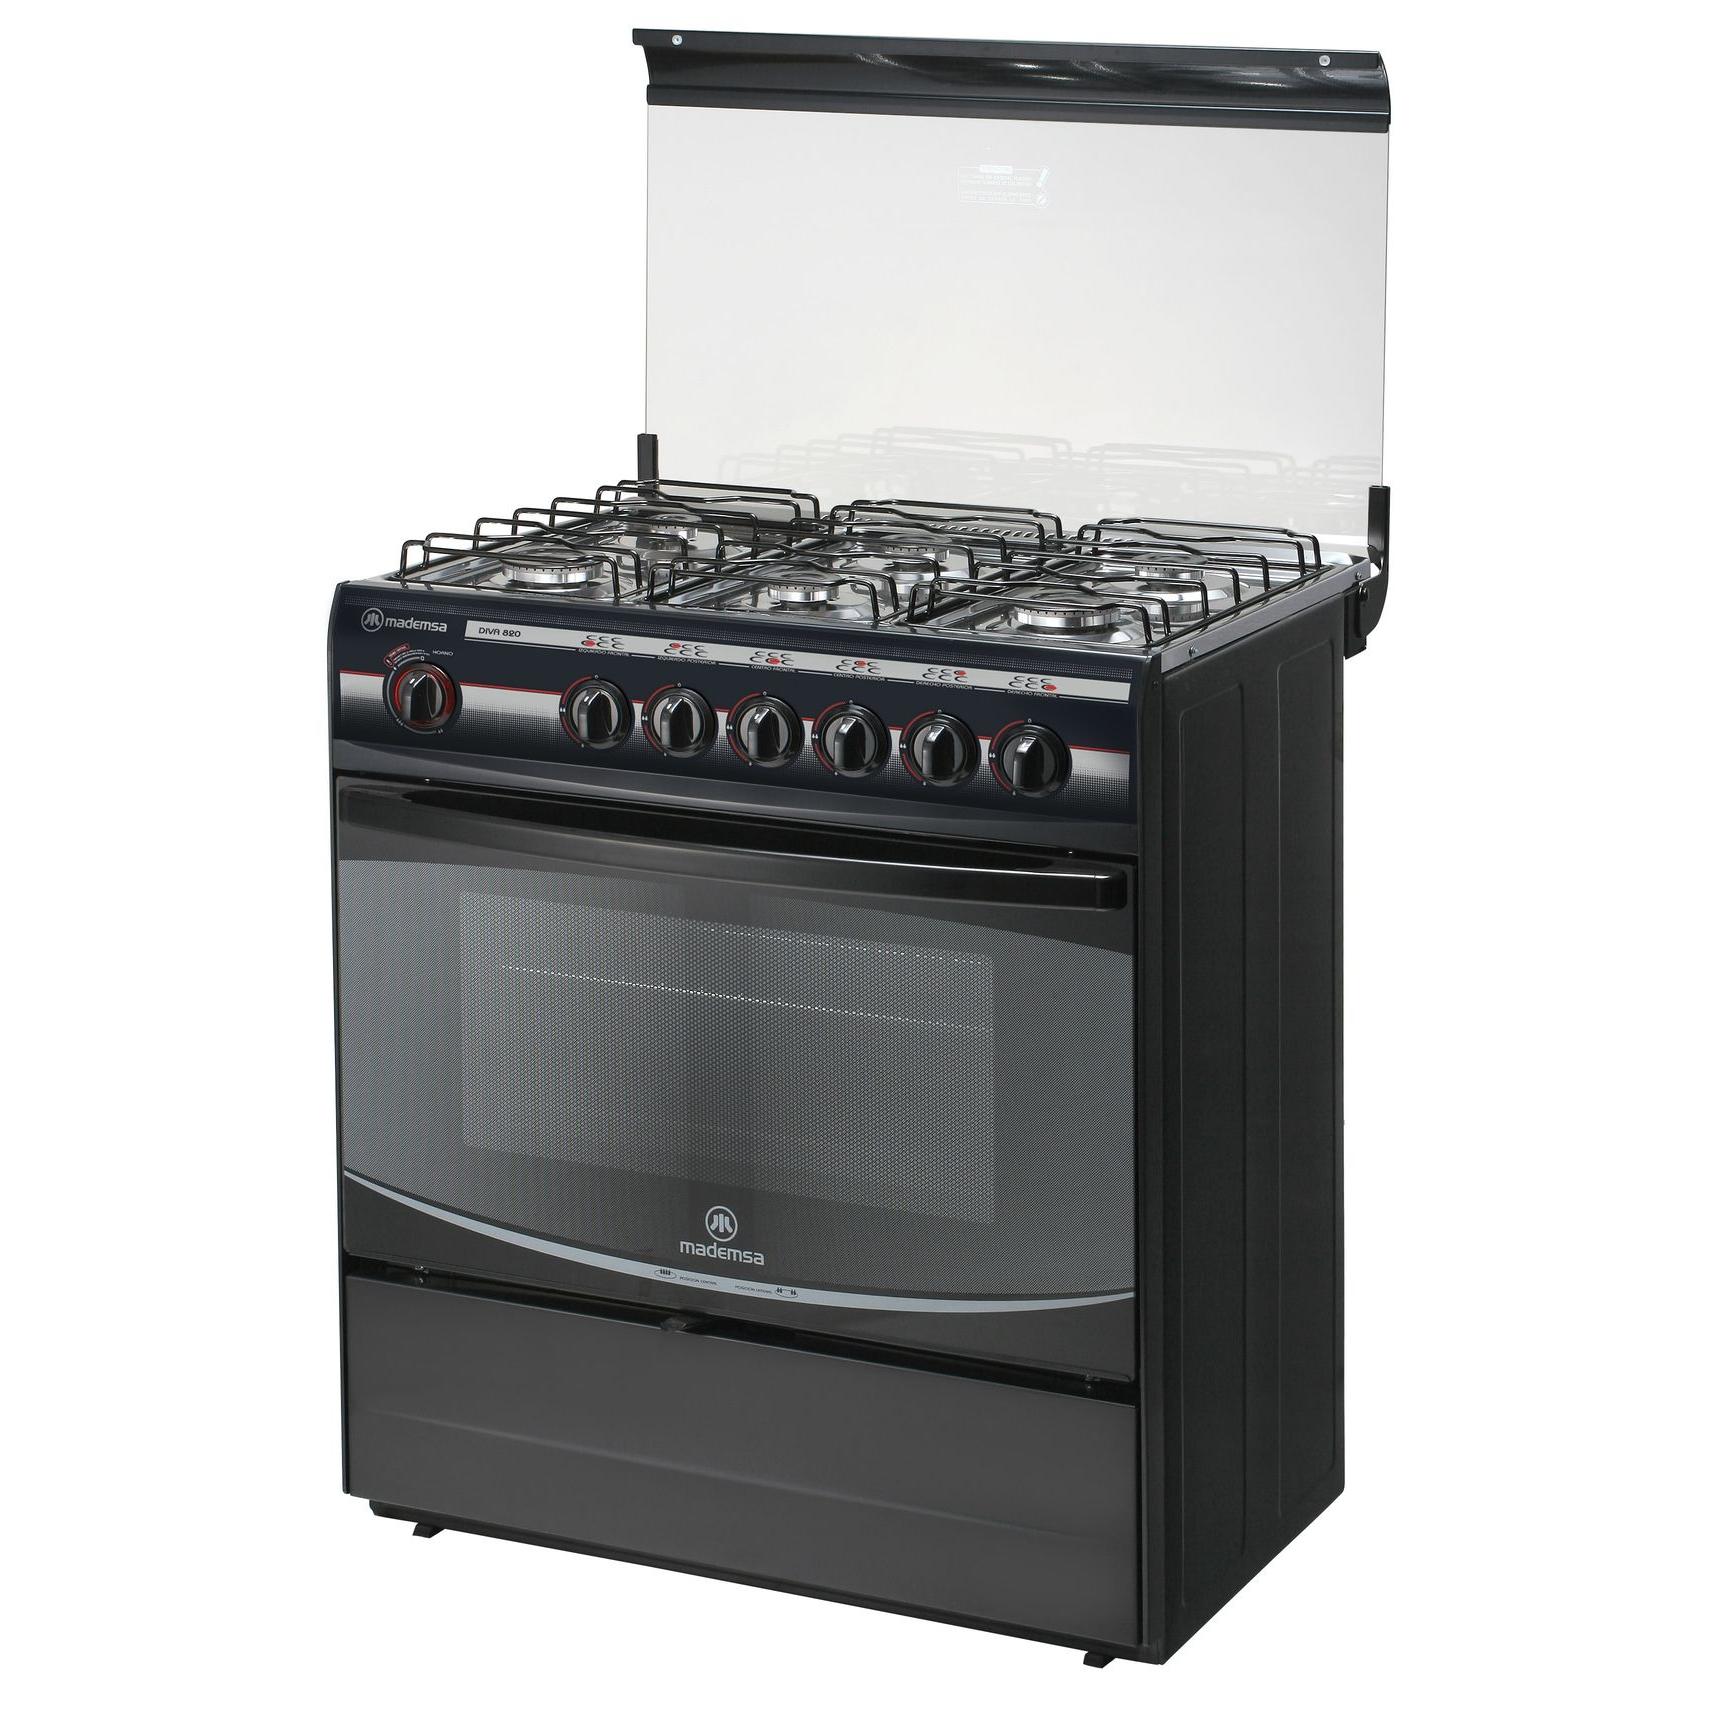 Cocina 6 platos diva 820 cocci n mademsa todo lo que for Cocina 6 quemadores